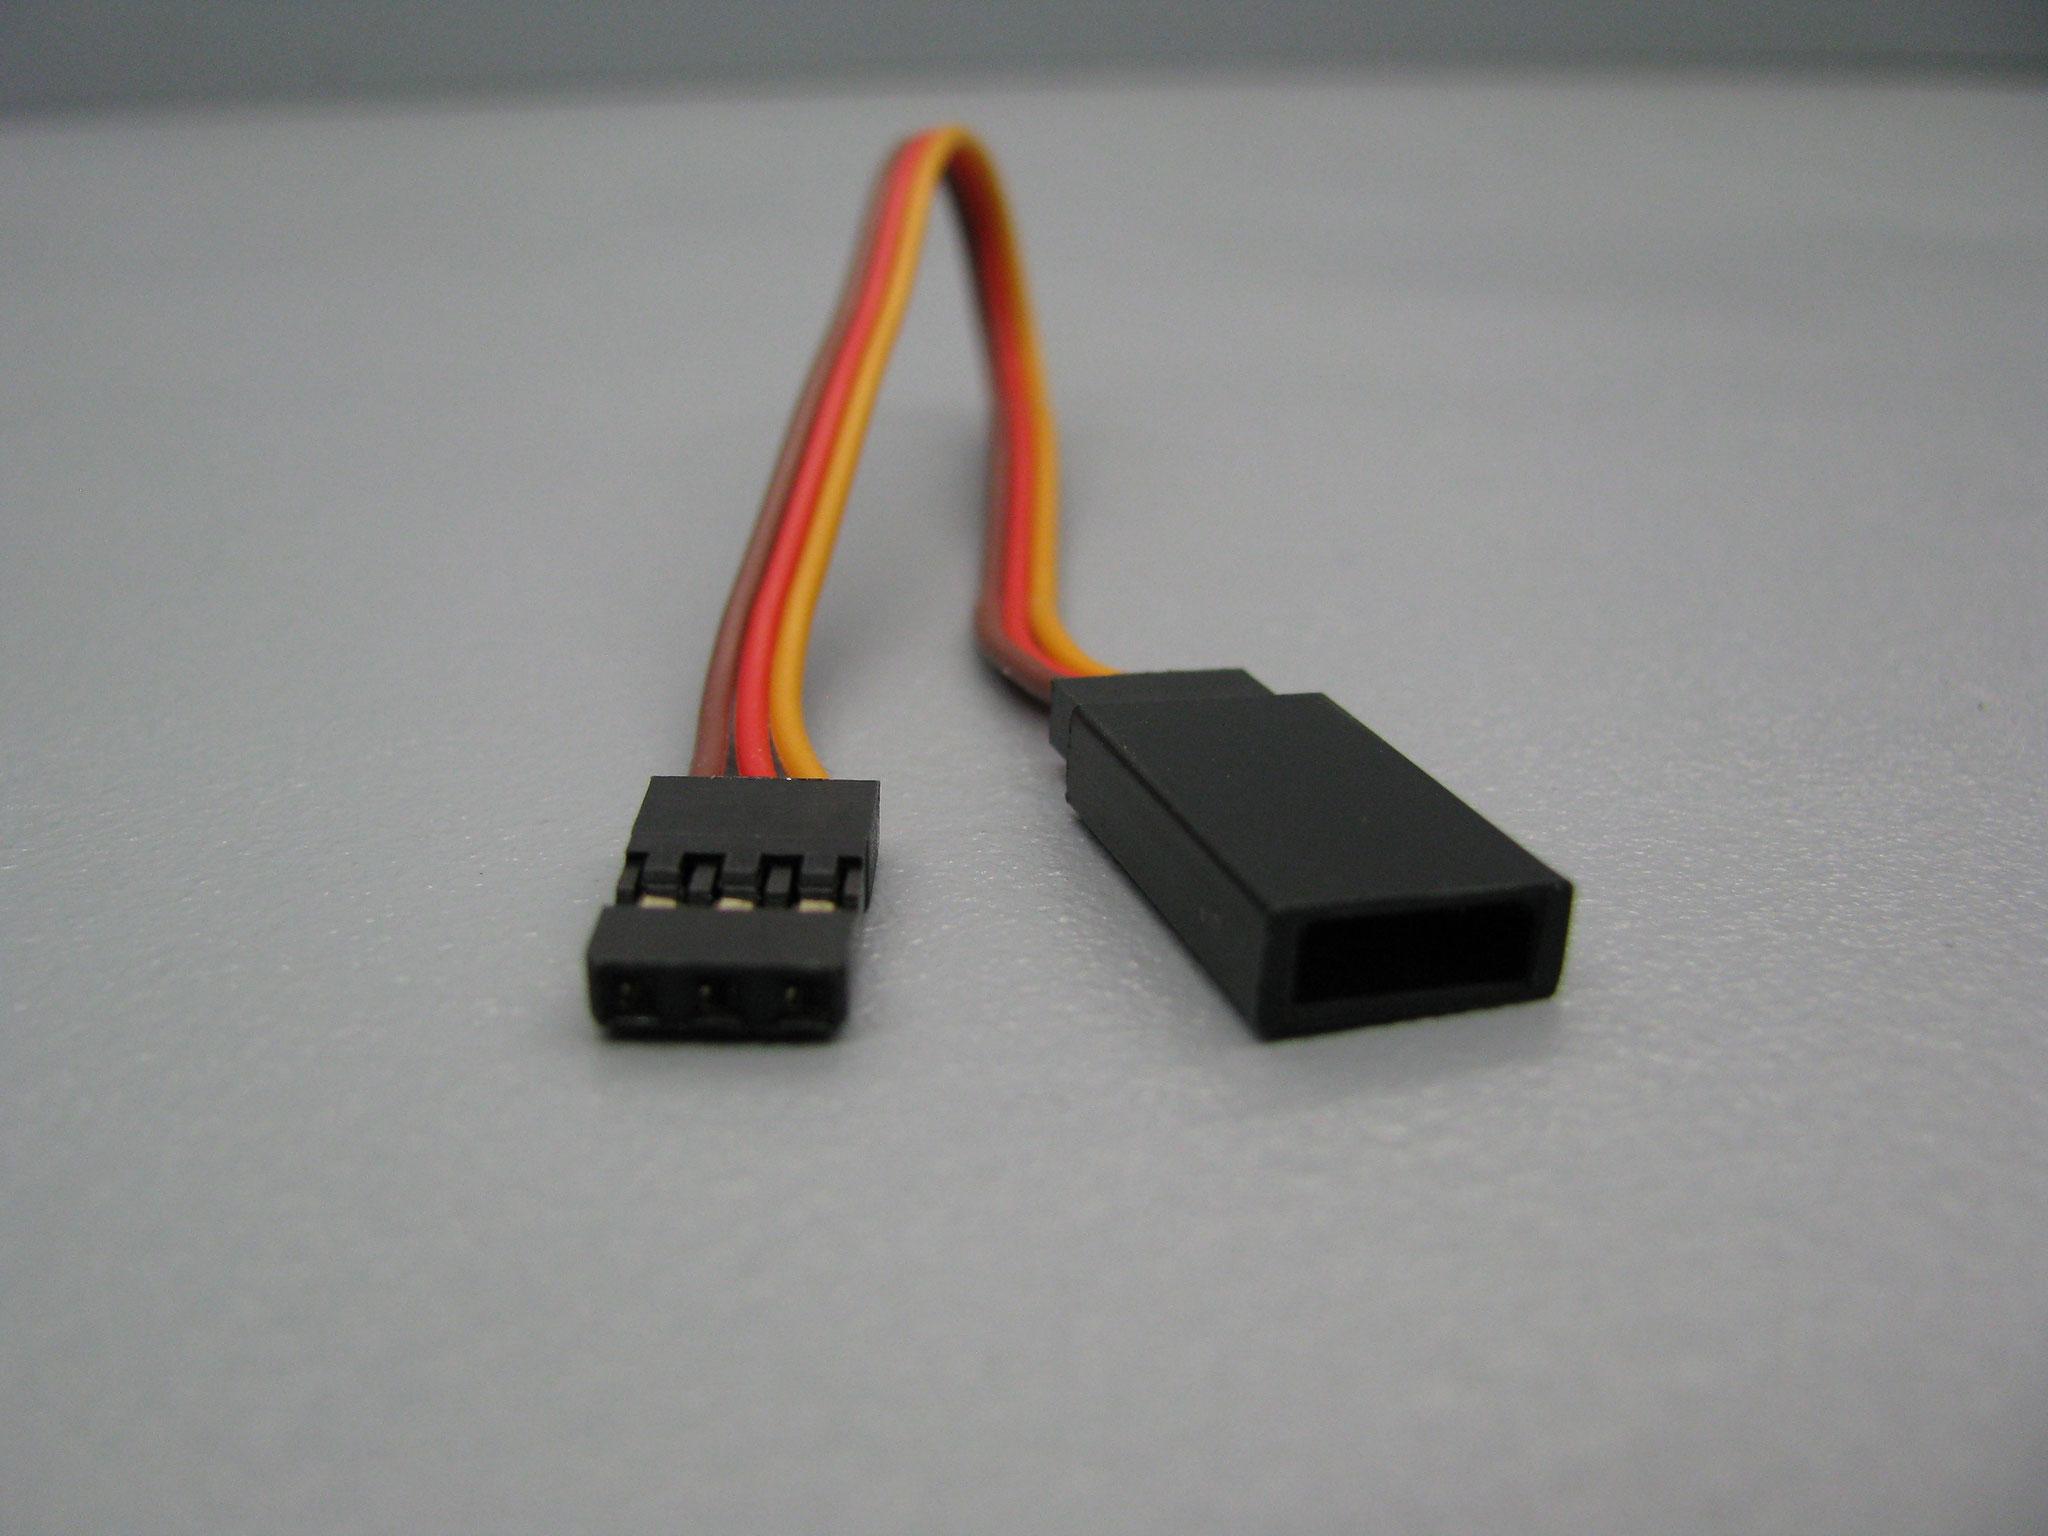 Stecker und Kabel